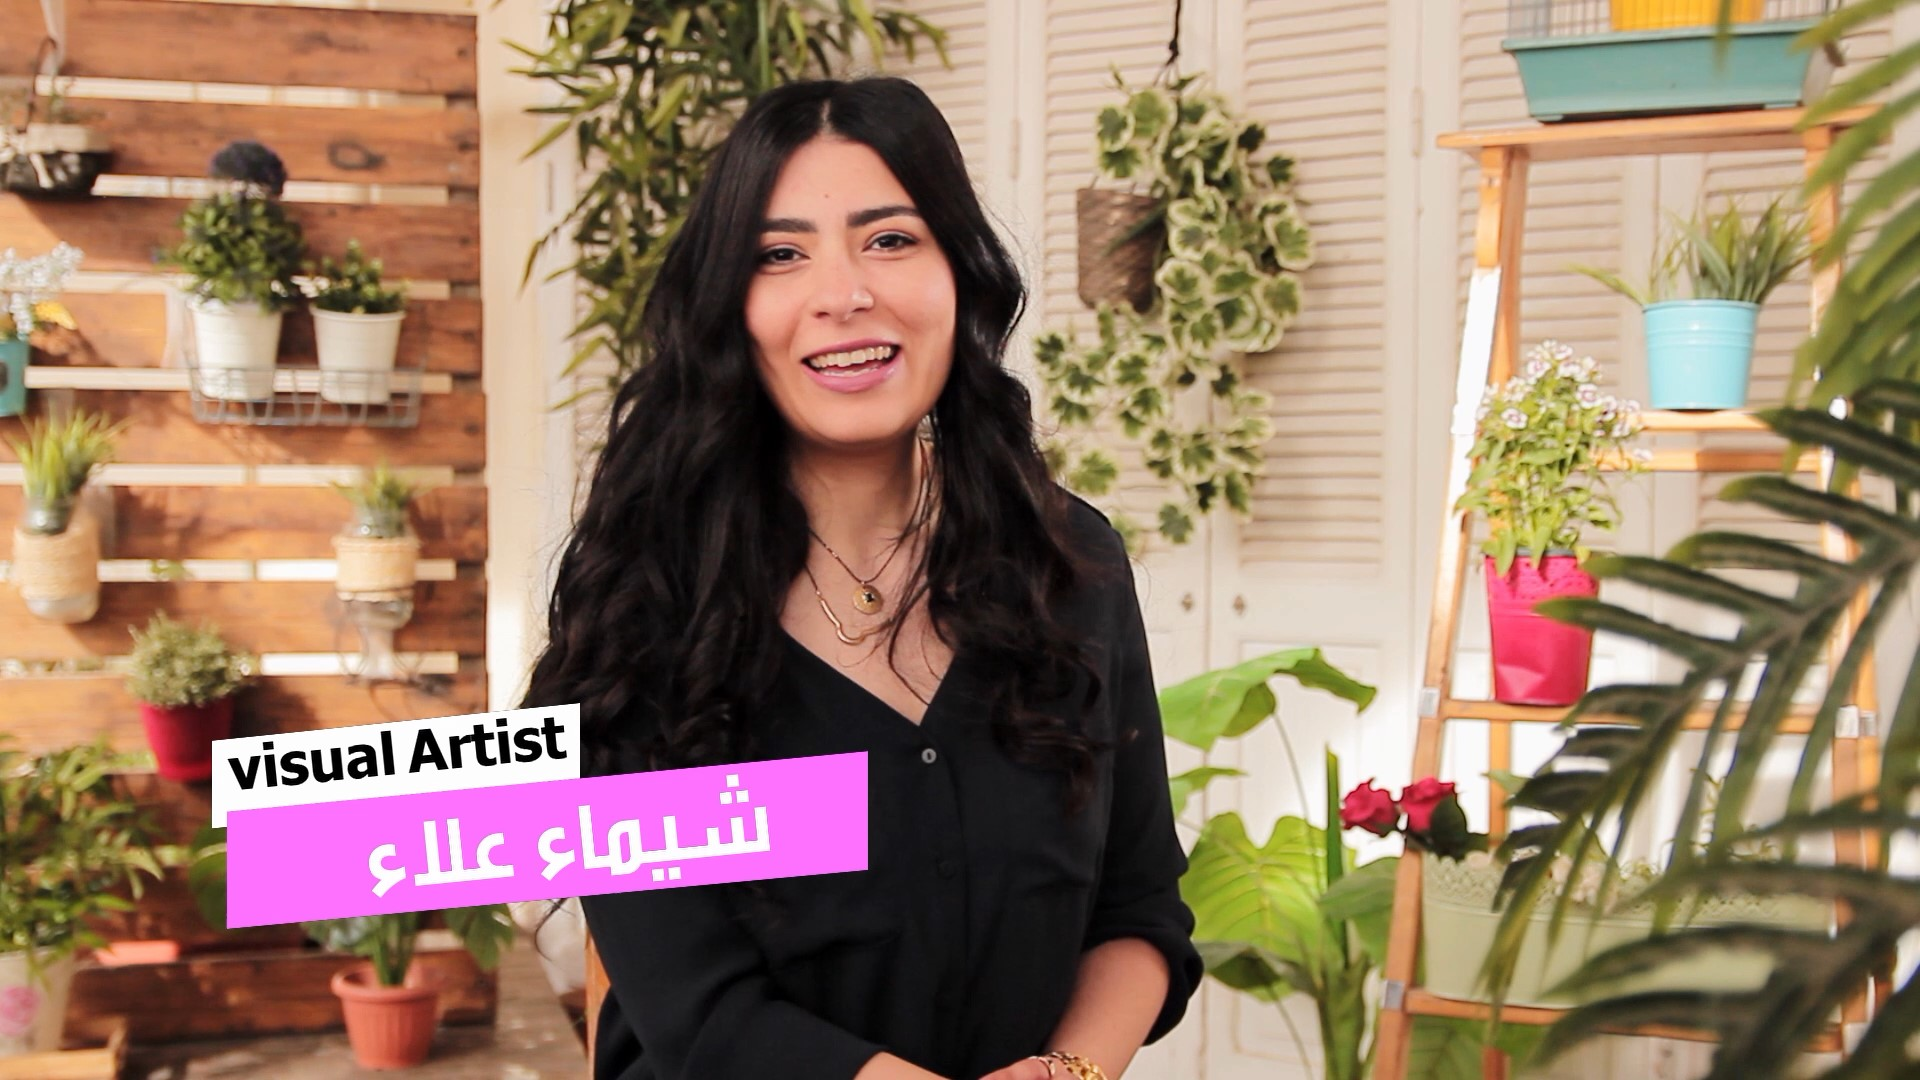 تجربة شيماء علاء في انقاص الوزن والنظام الذي اتبعته